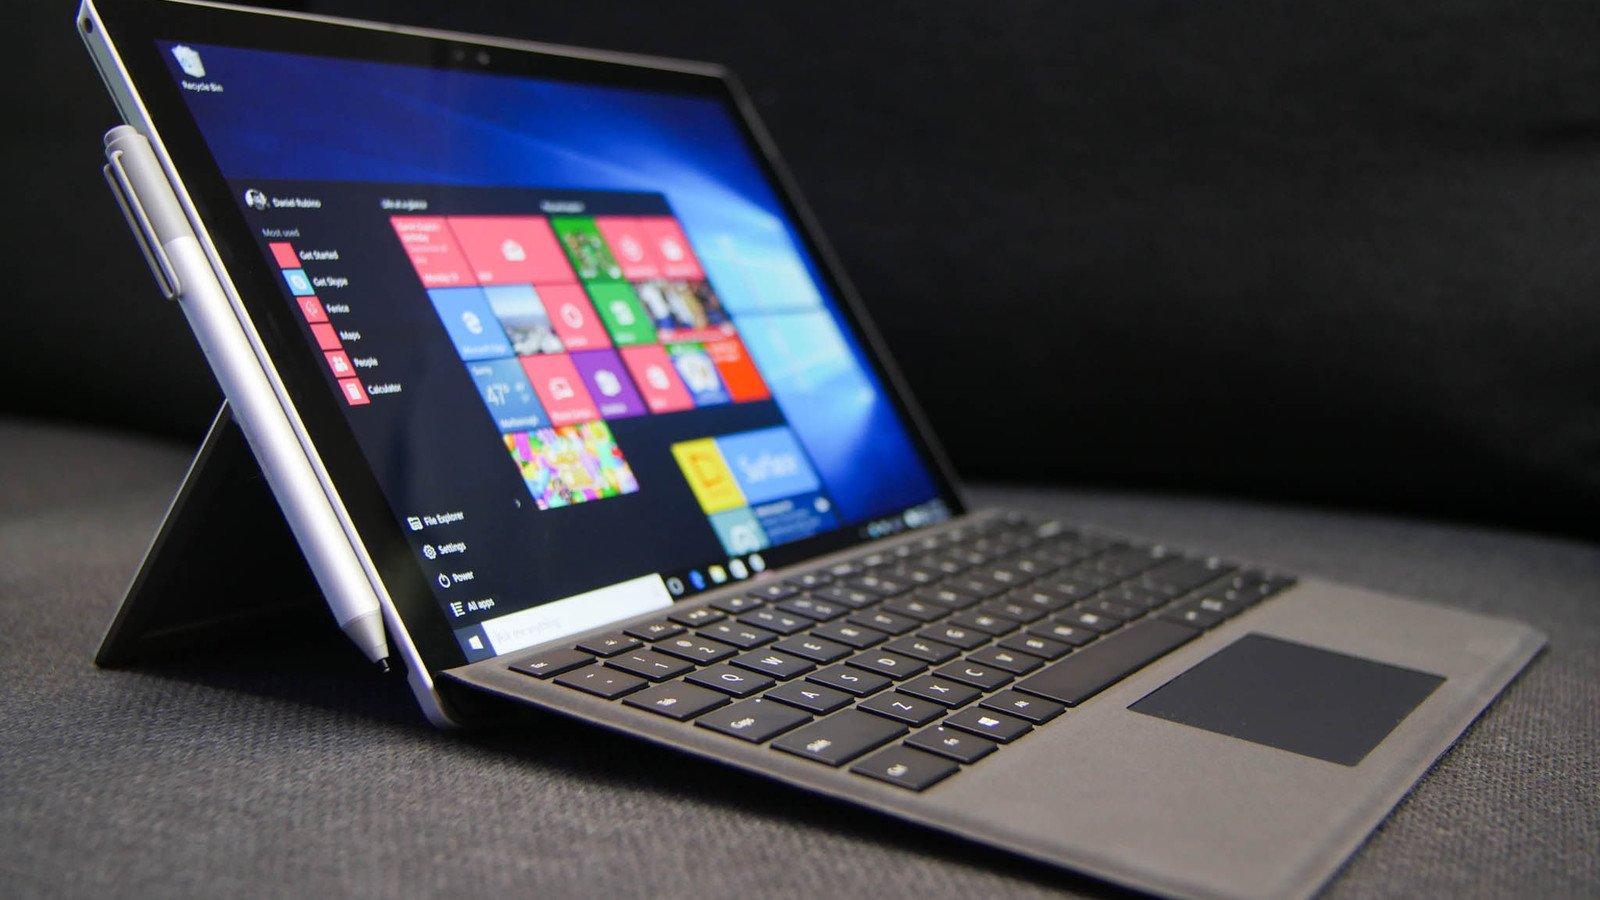 五款最好的10 2016 Windows平板电脑!